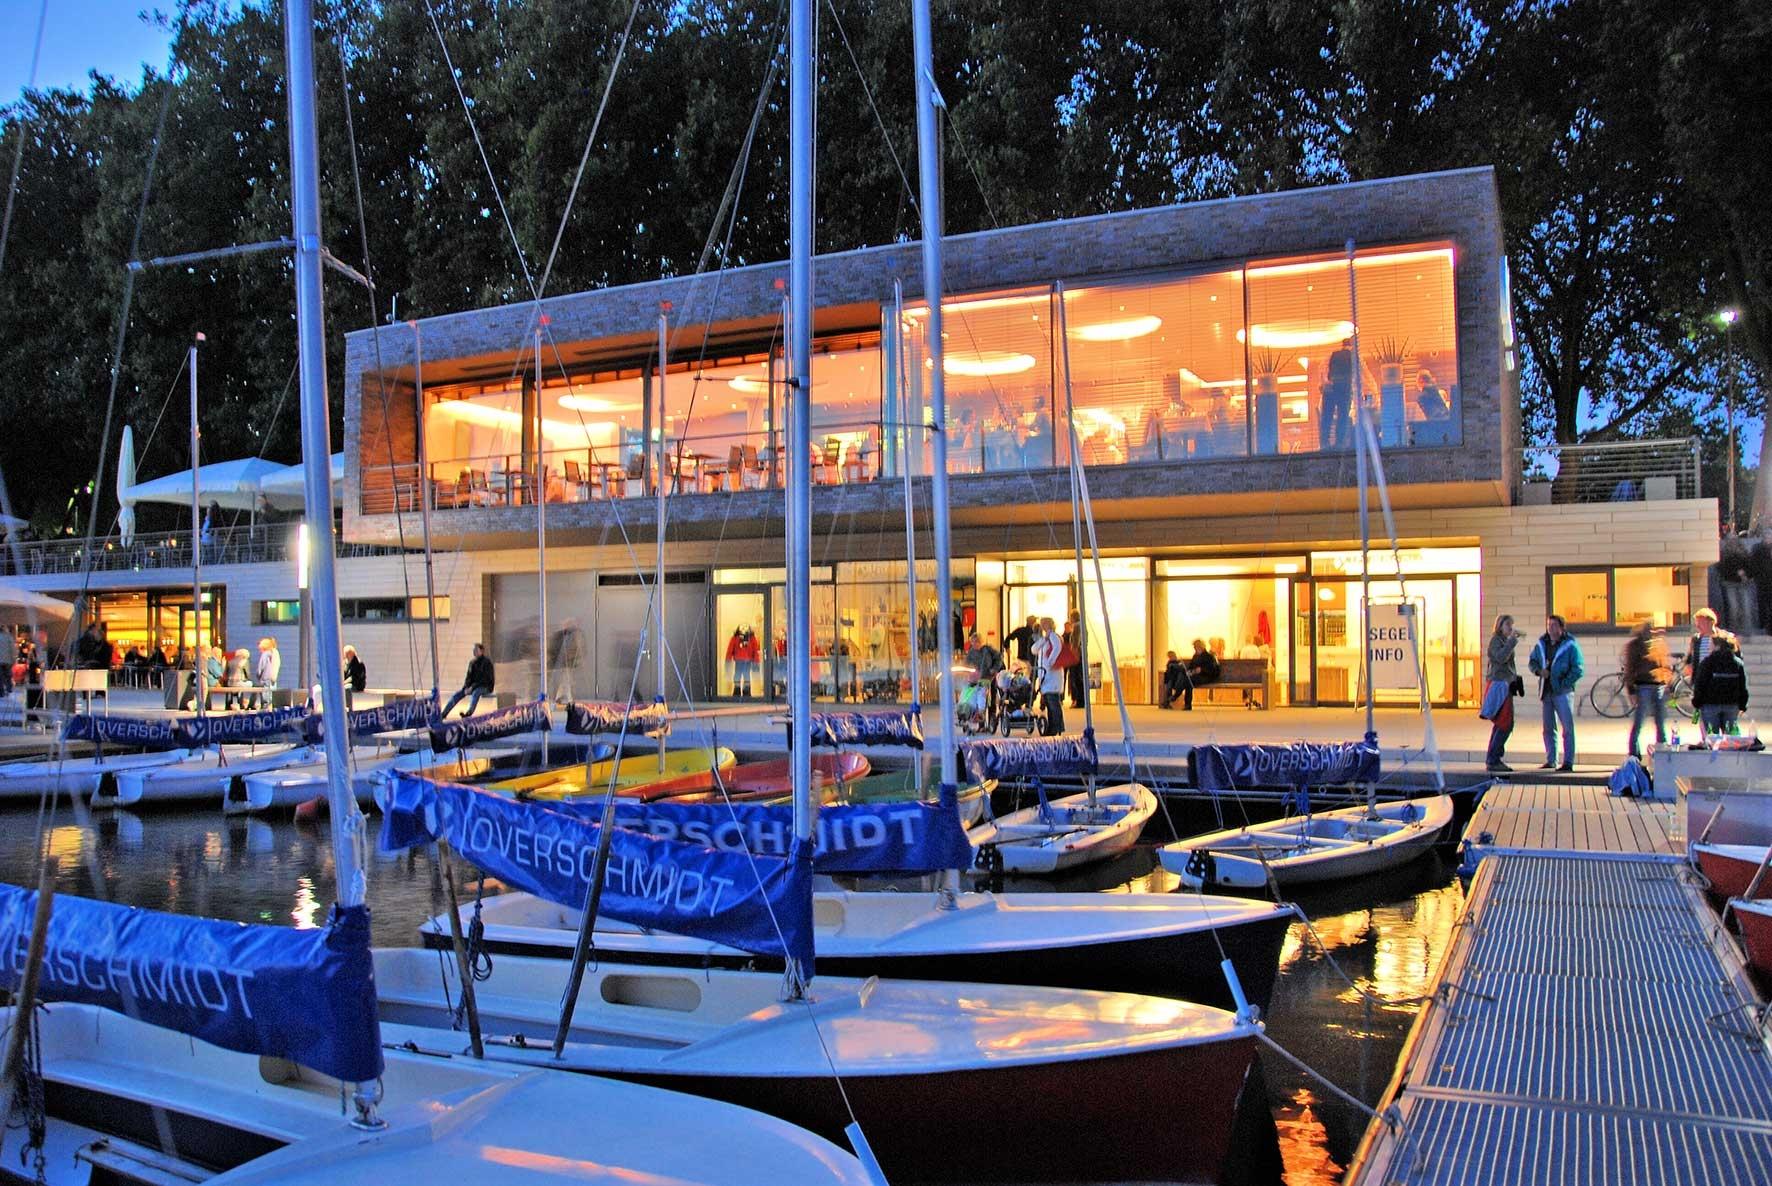 Yachtschule_Bootshafen_aktuell